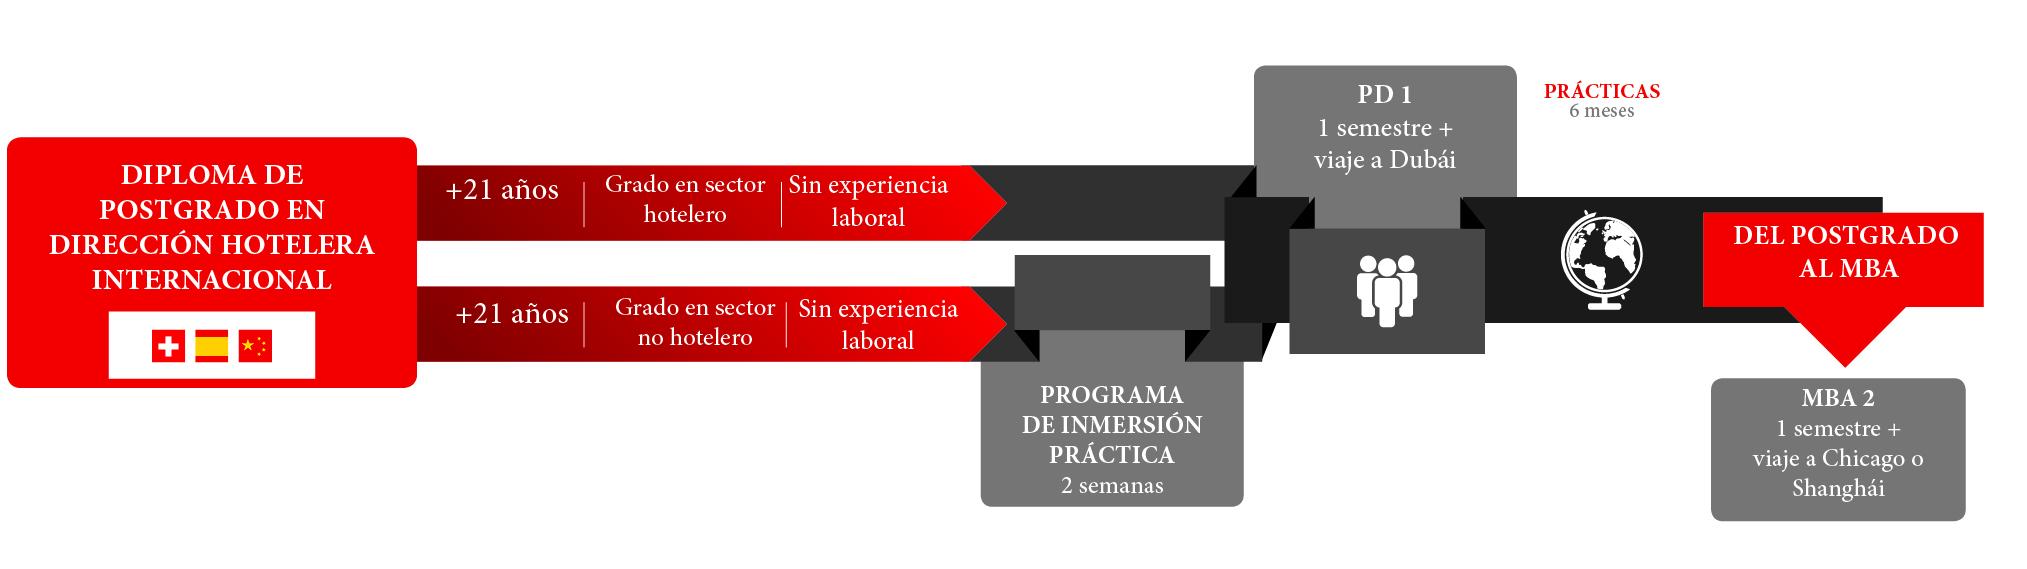 Posgrado en Dirección Hotelera Internacional